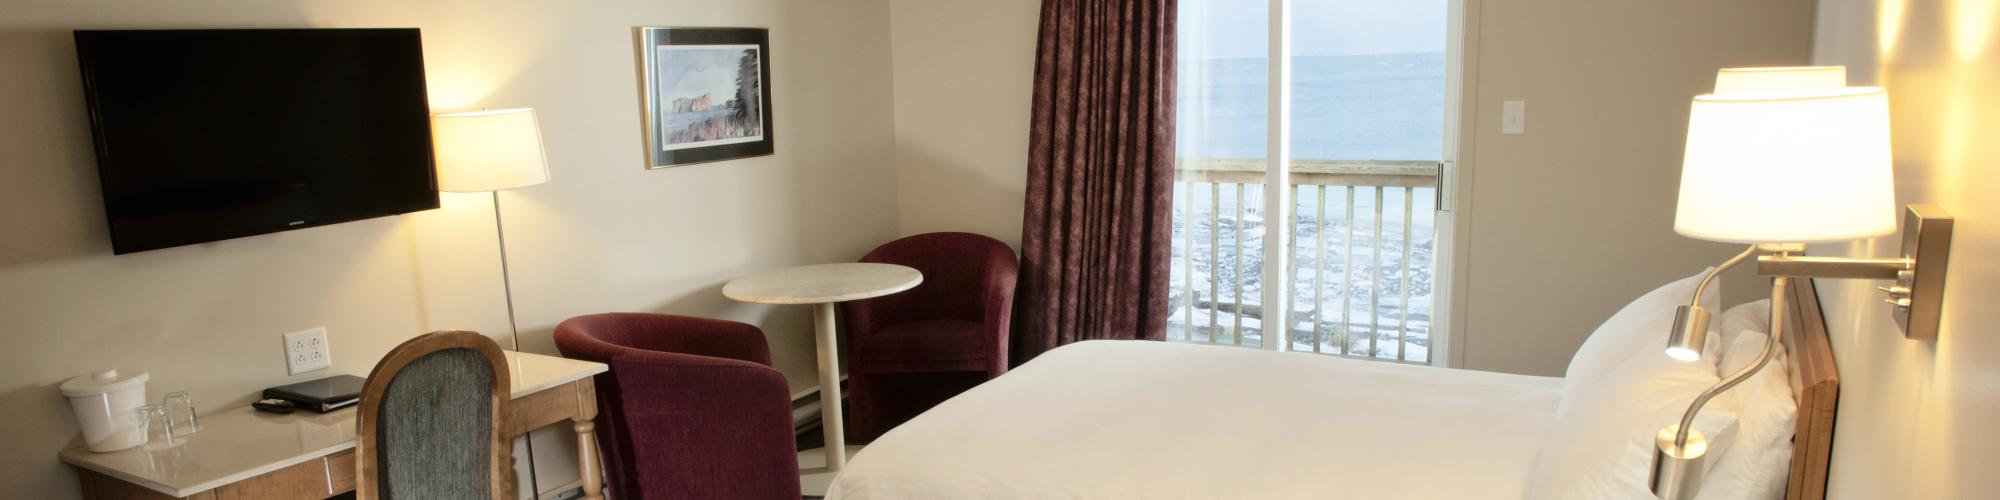 Chambre régulière, Pavillon sur mer